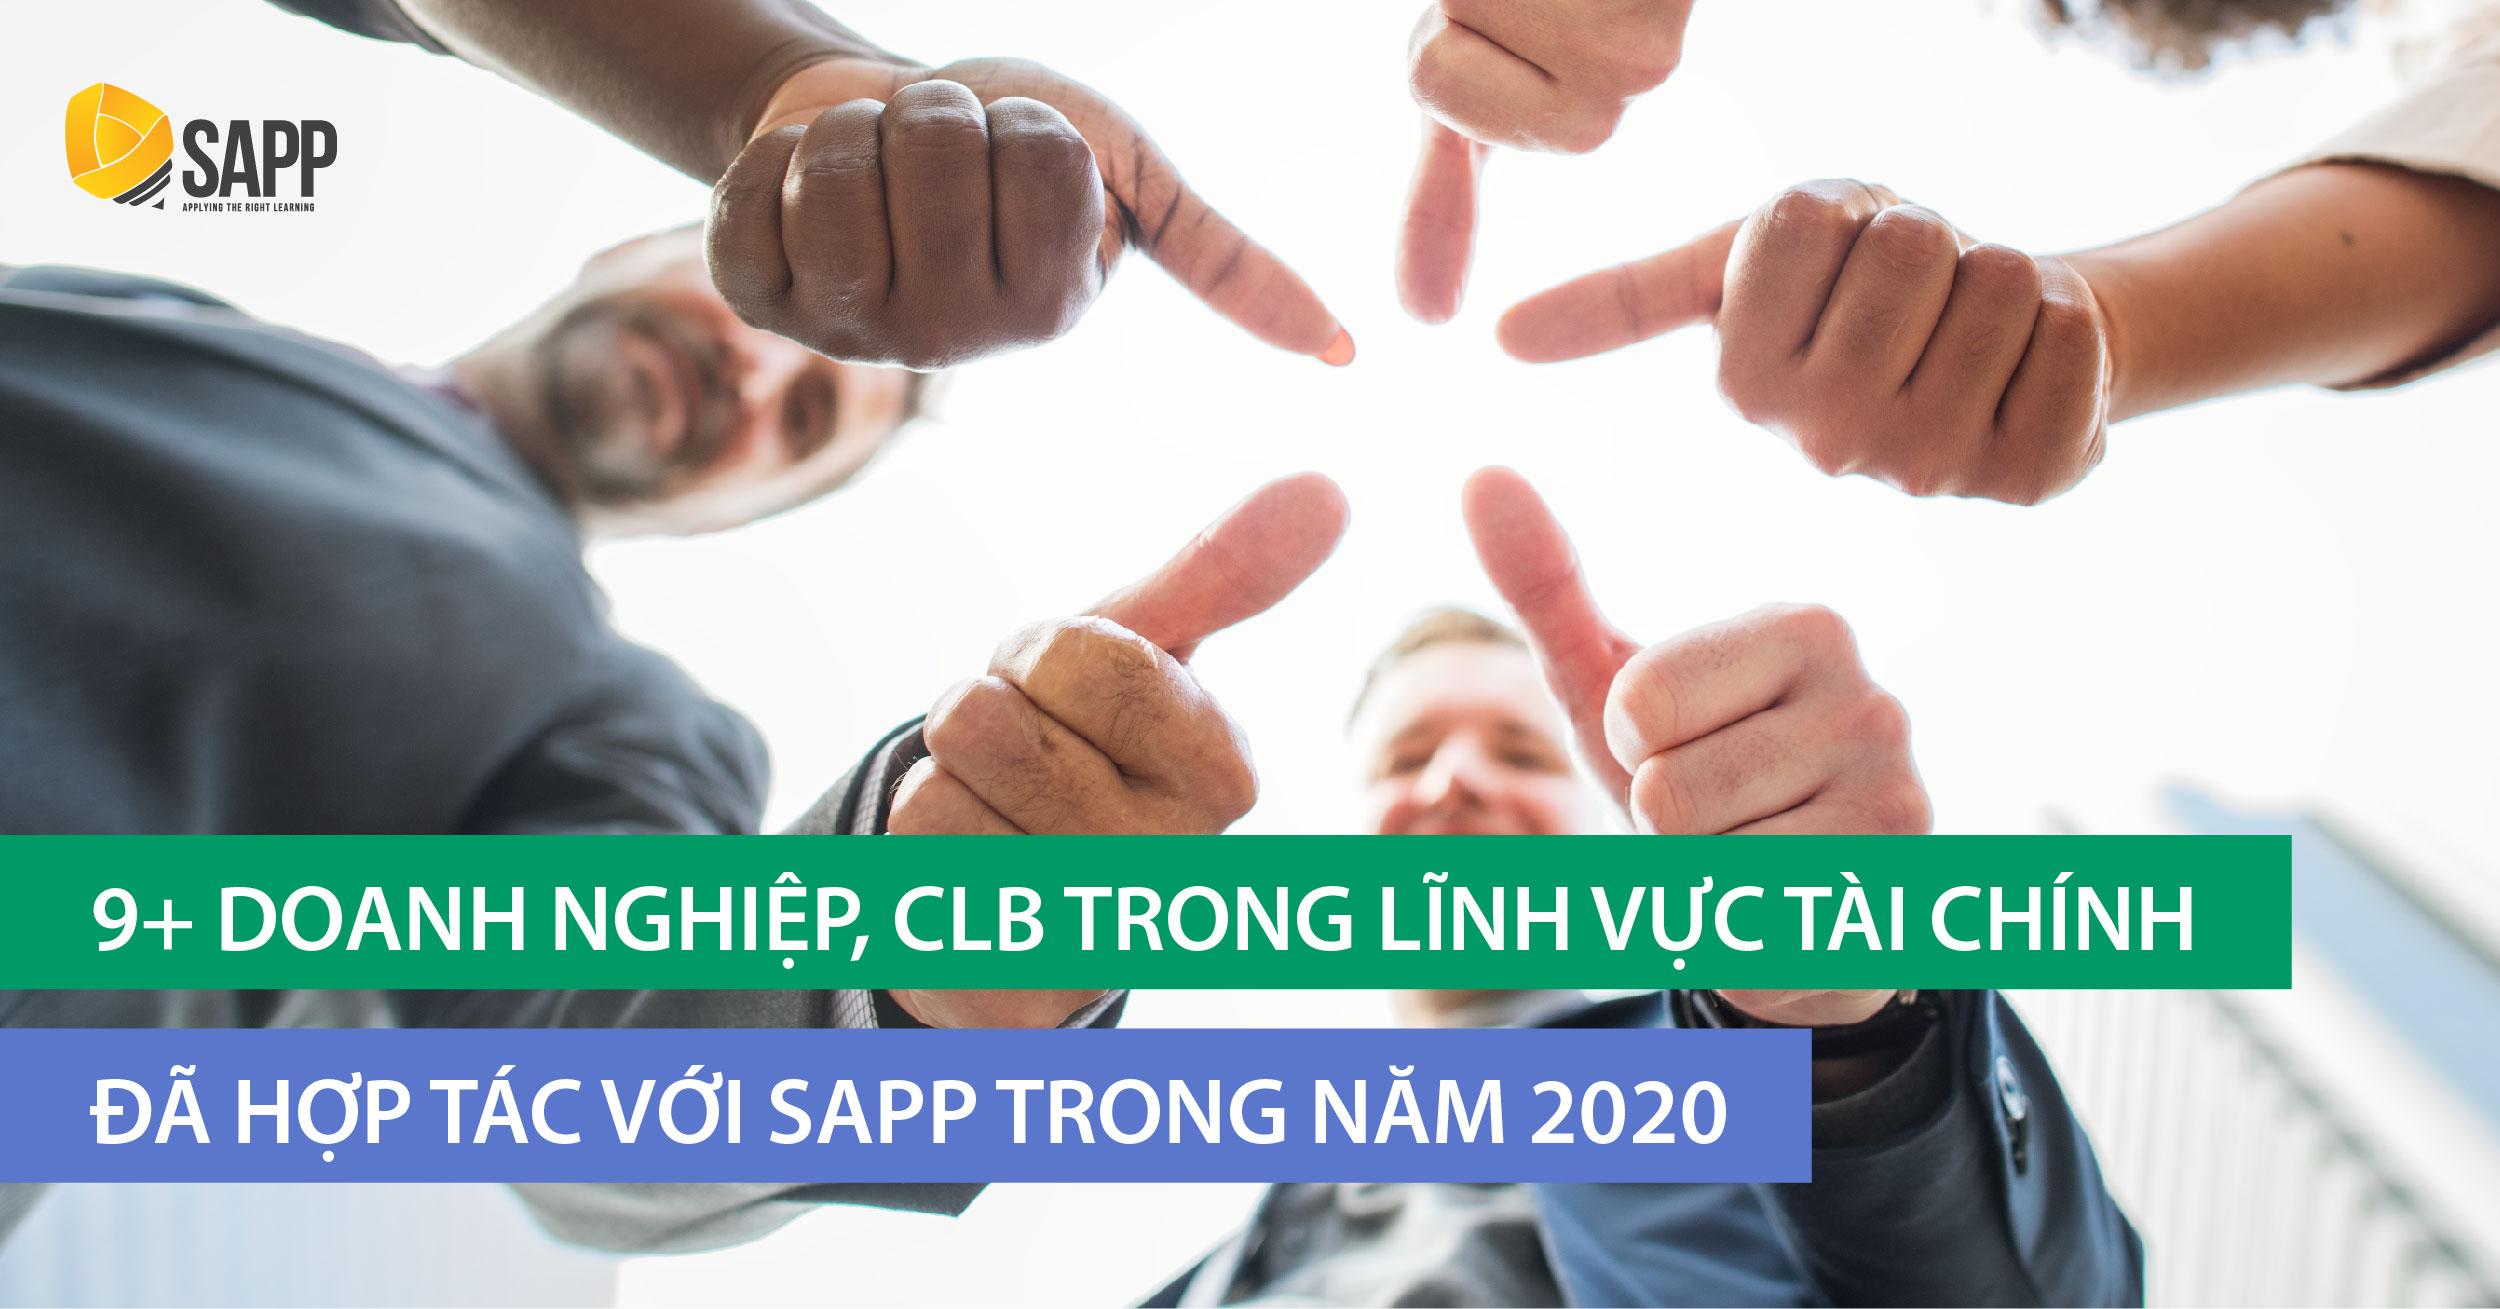 9+ Doanh nghiệp, CLB Đầu tư - Tài chính hợp tác với SAPP Academy 2020